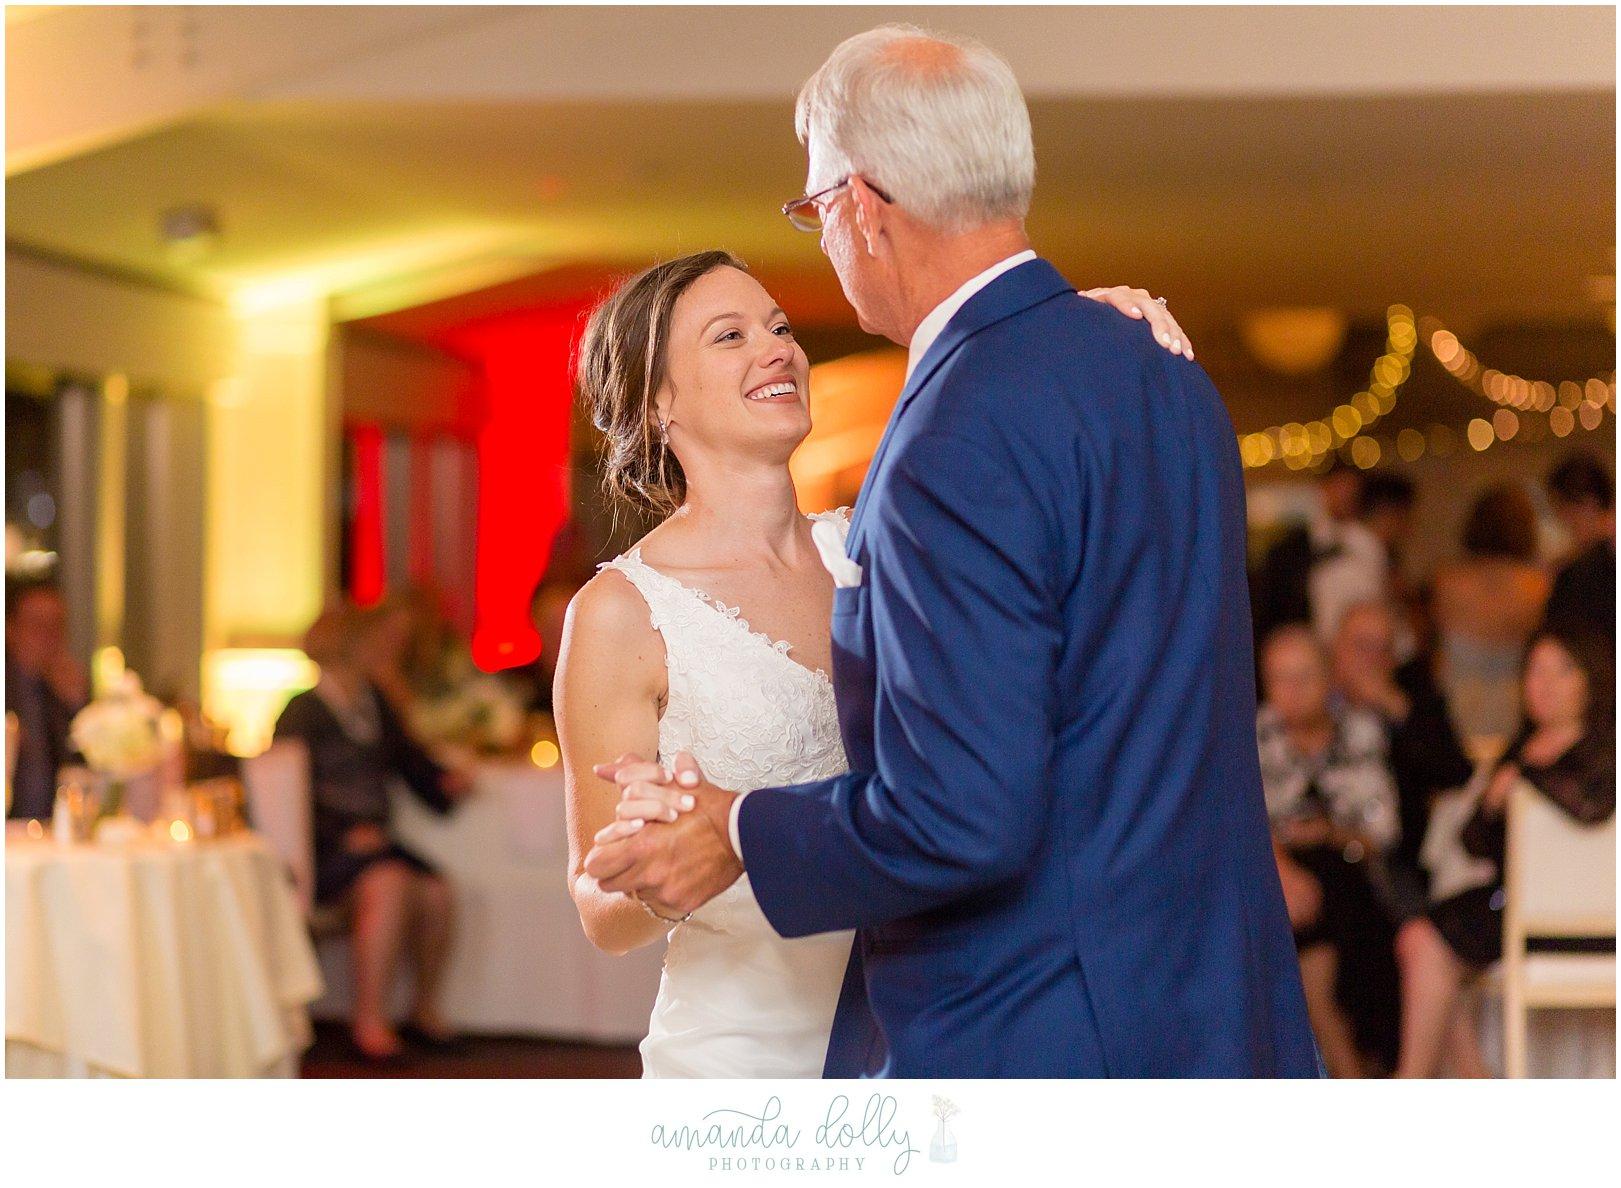 McLooone's Wedding Photography